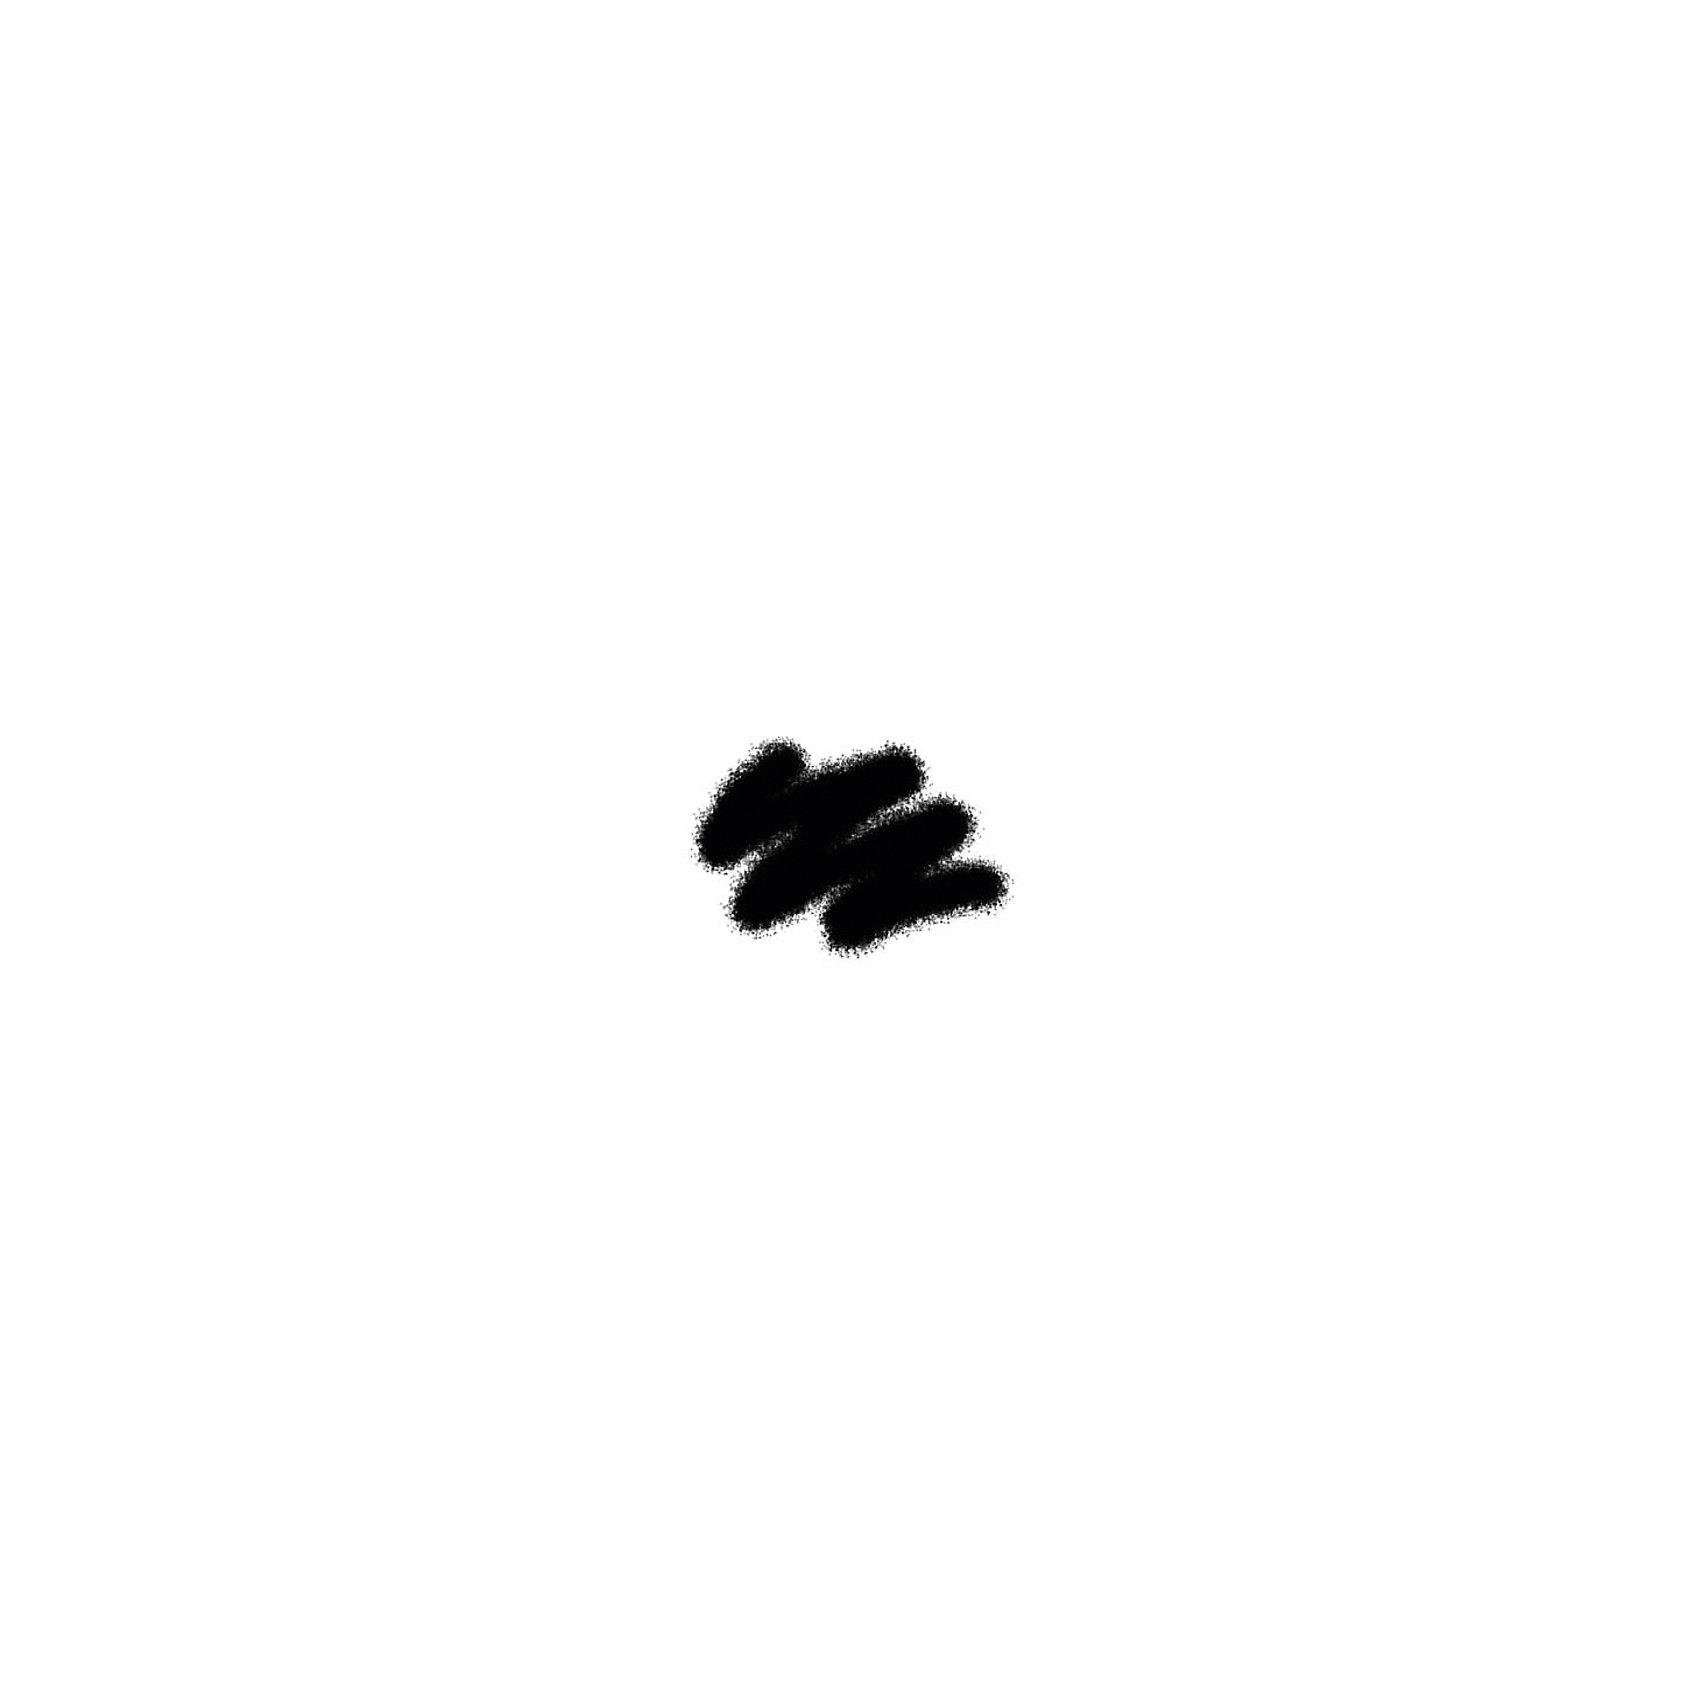 Акриловая краска для моделей Звезда, черная 12 млМодели для склеивания<br>Краска черная (шт)<br><br>Ширина мм: 18<br>Глубина мм: 18<br>Высота мм: 58<br>Вес г: 19<br>Возраст от месяцев: 72<br>Возраст до месяцев: 180<br>Пол: Мужской<br>Возраст: Детский<br>SKU: 7086623